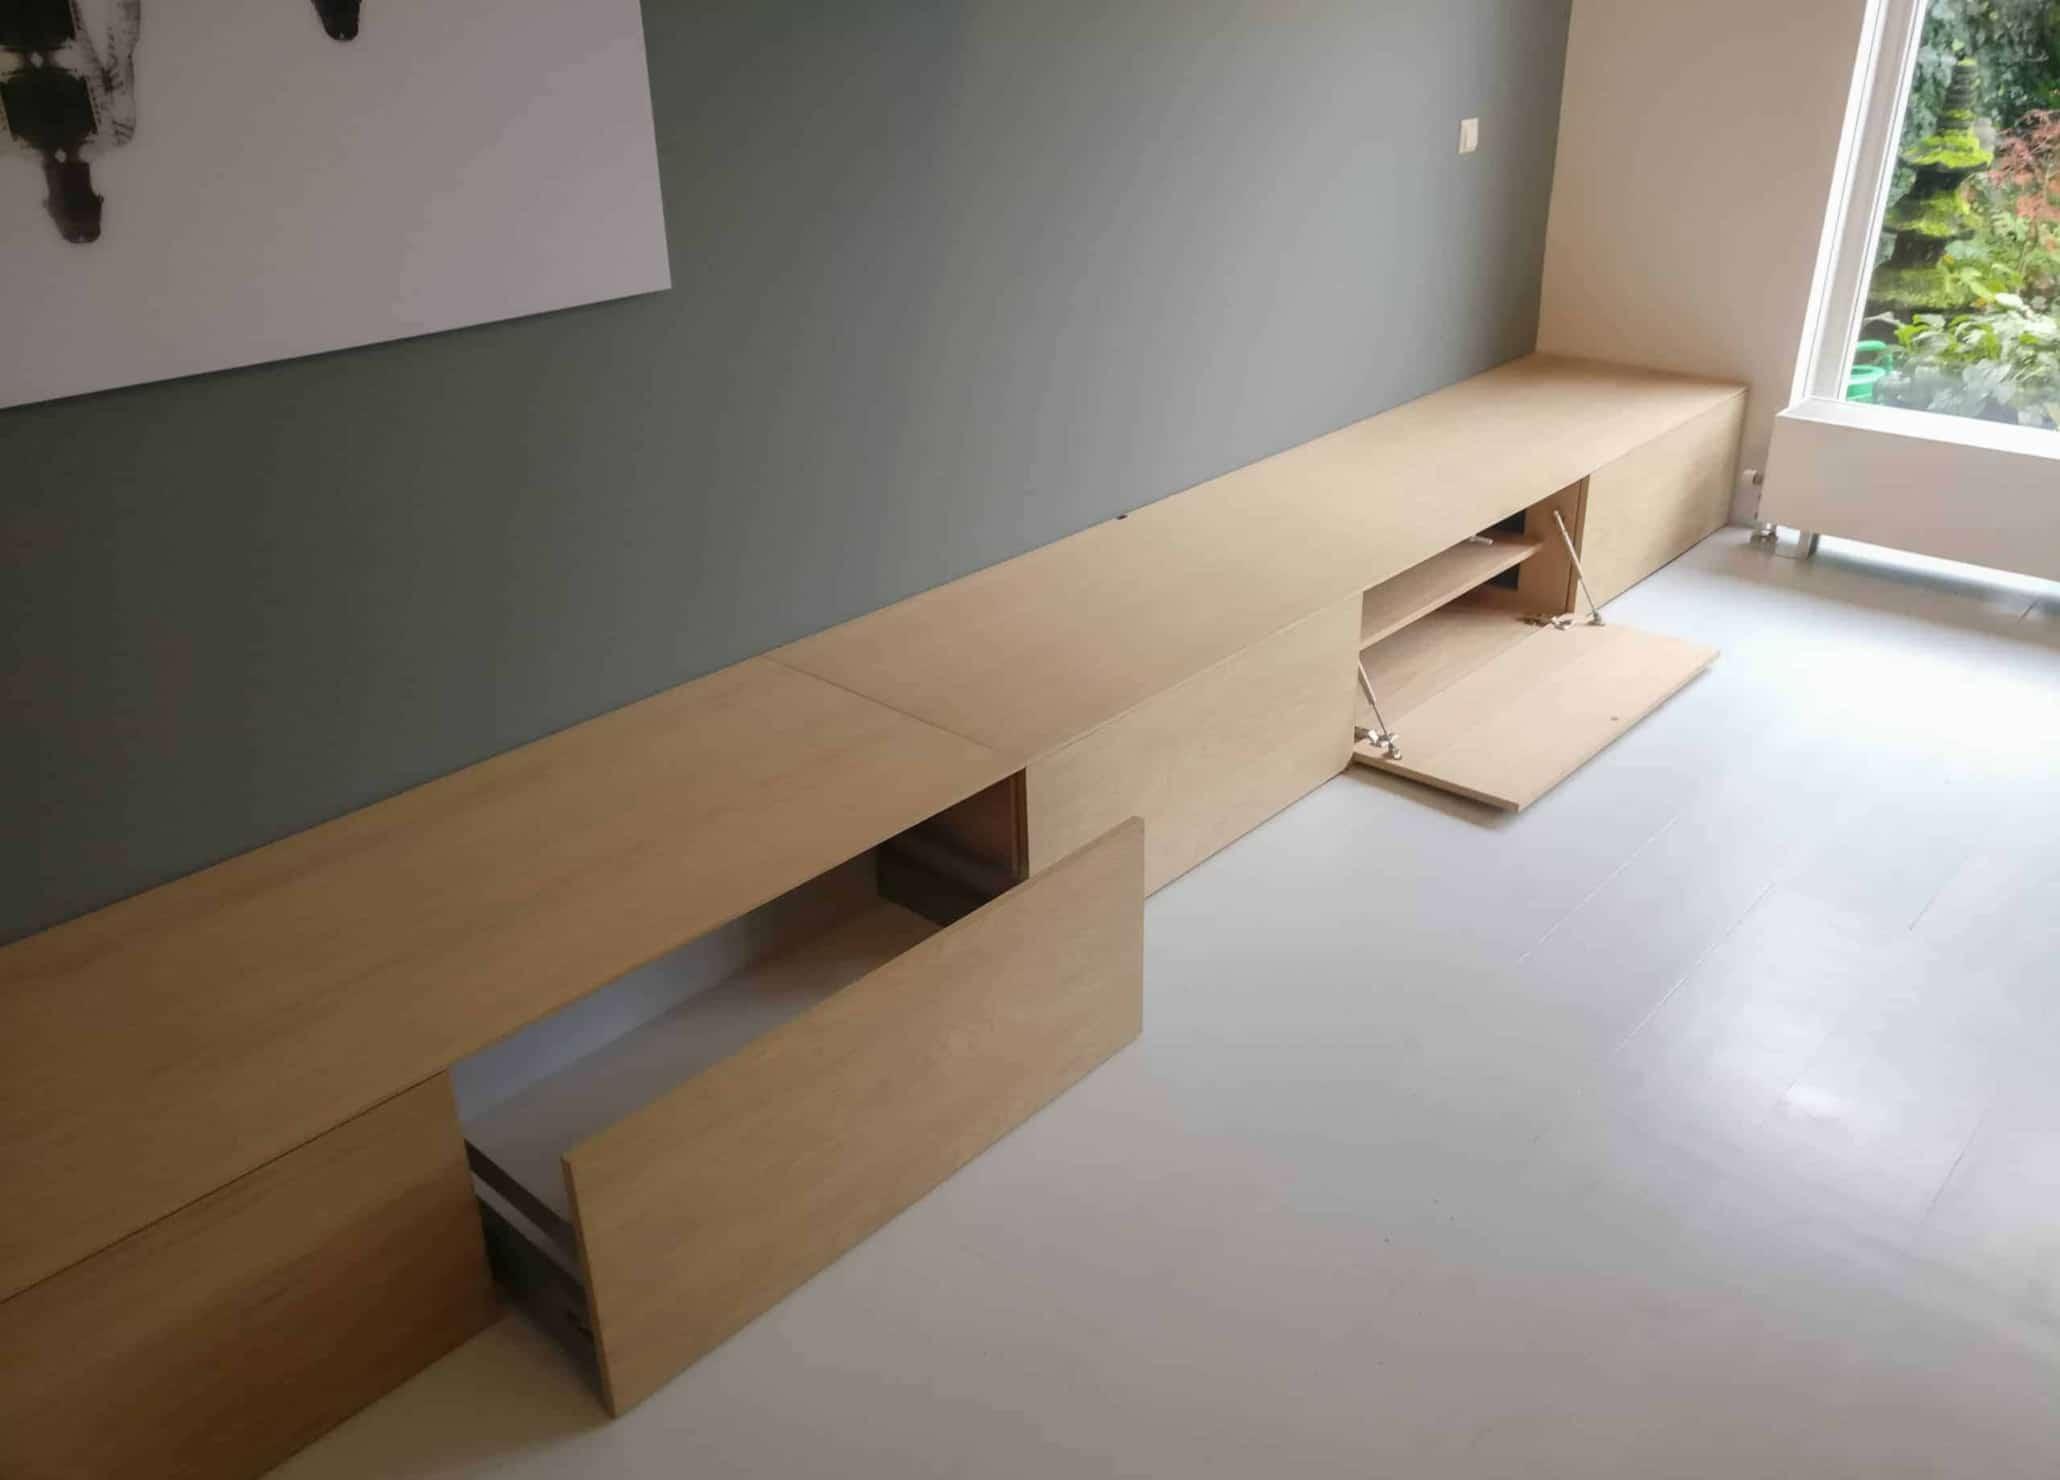 Eikenhouten meubel